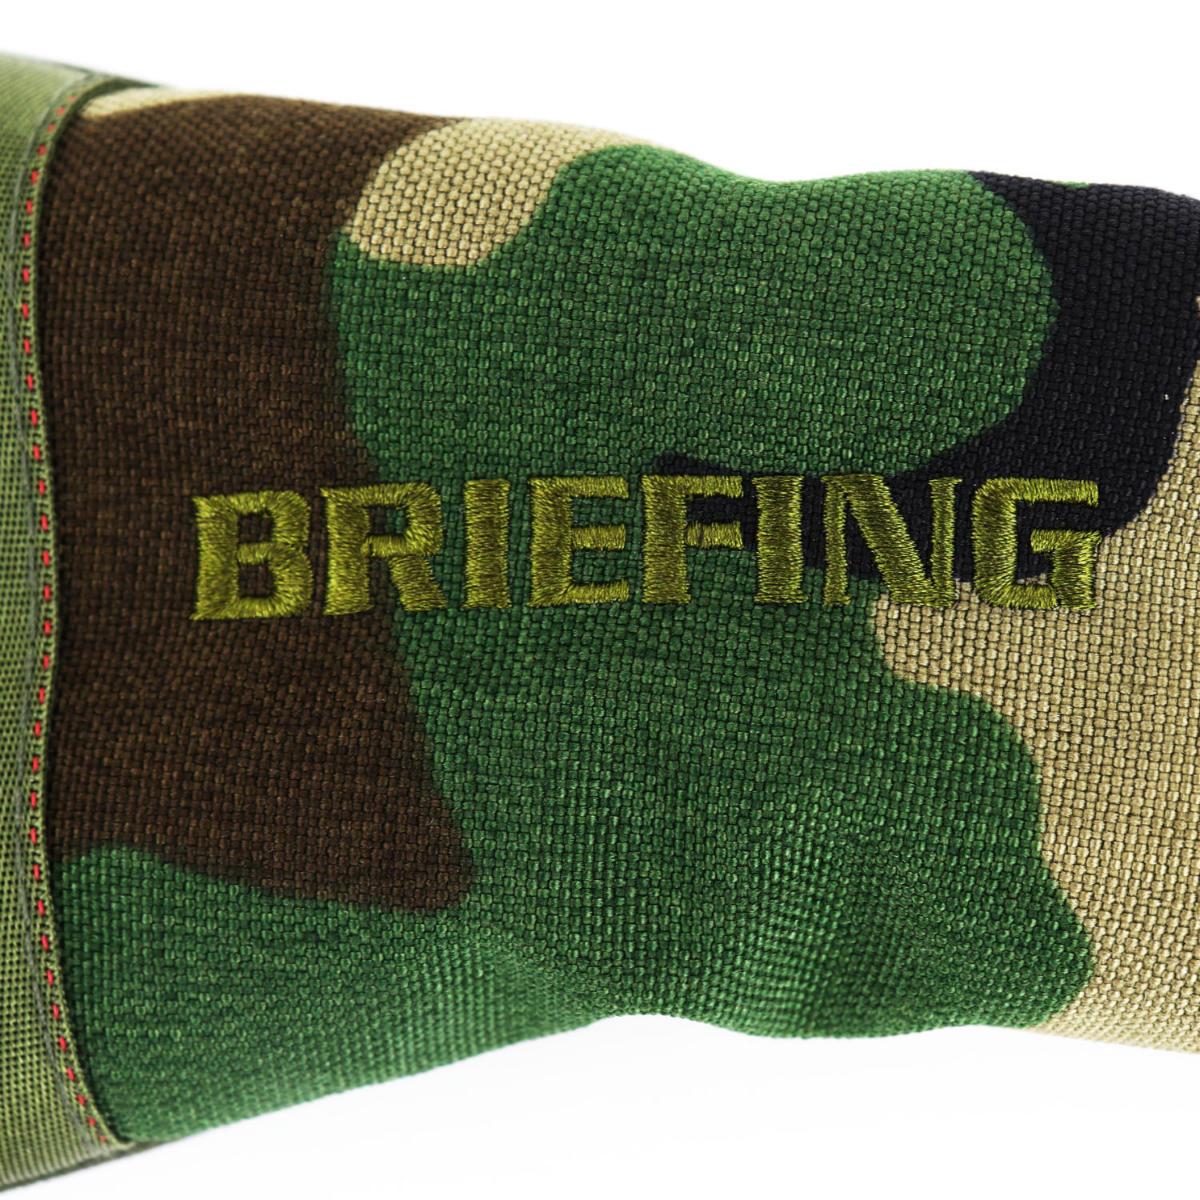 ブリーフィングゴルフ BRIEFING GOLF フェアウェイウッドカバー B SIRIES FAIRWAY WOOD COVER COMBI BRG204G03 160 WOODLANDCAMO(ウッドランドカモ)秋冬新作